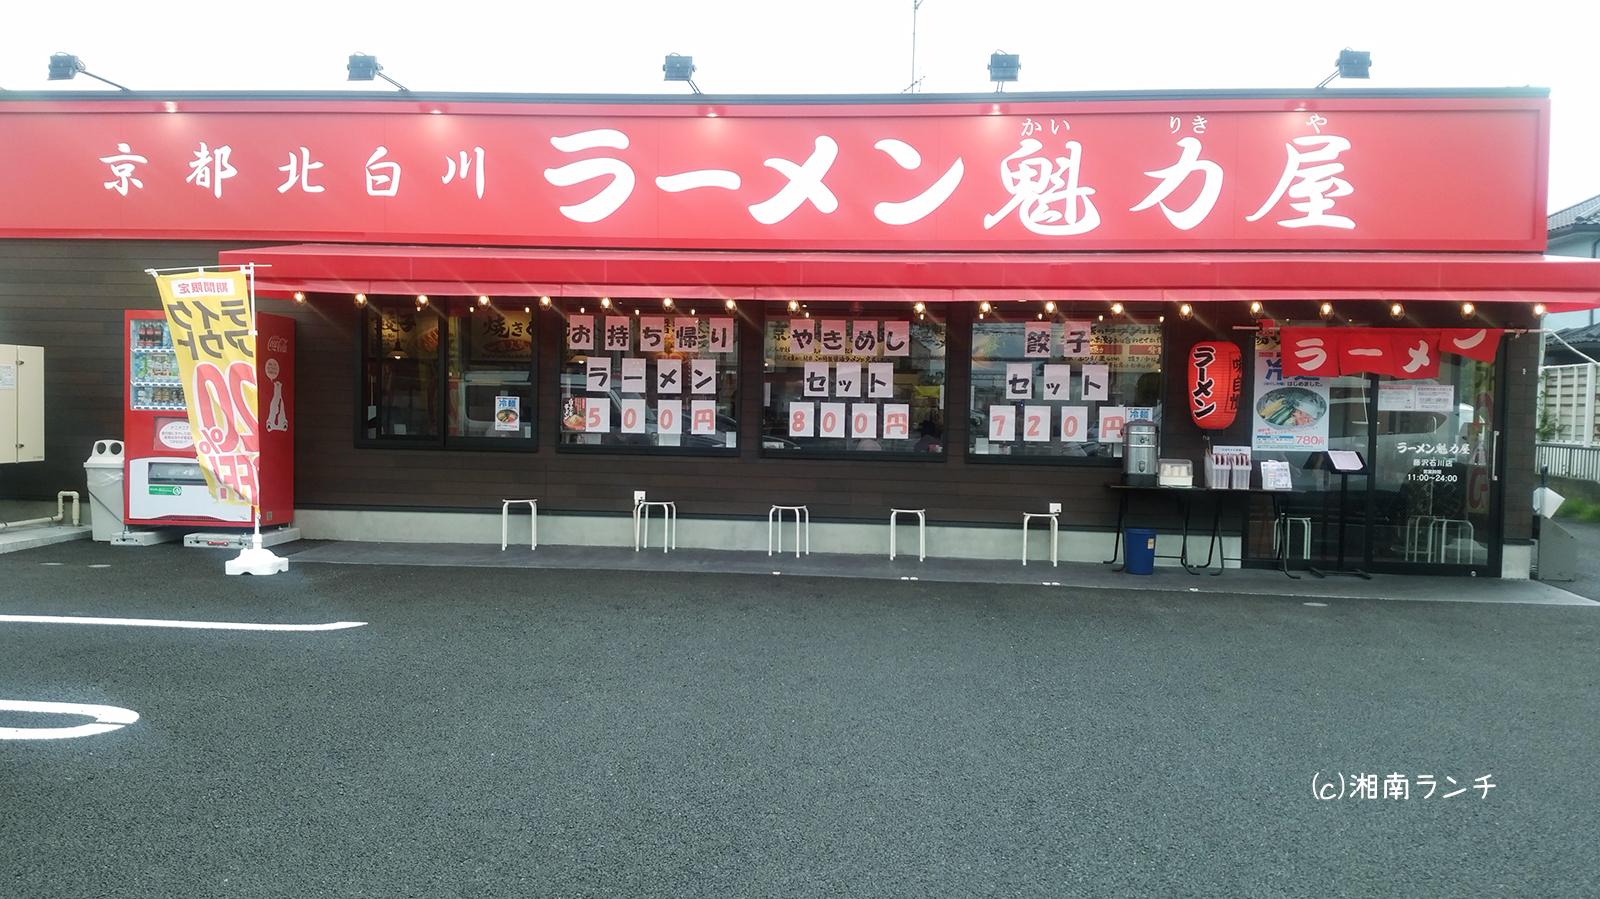 魁力屋藤沢店